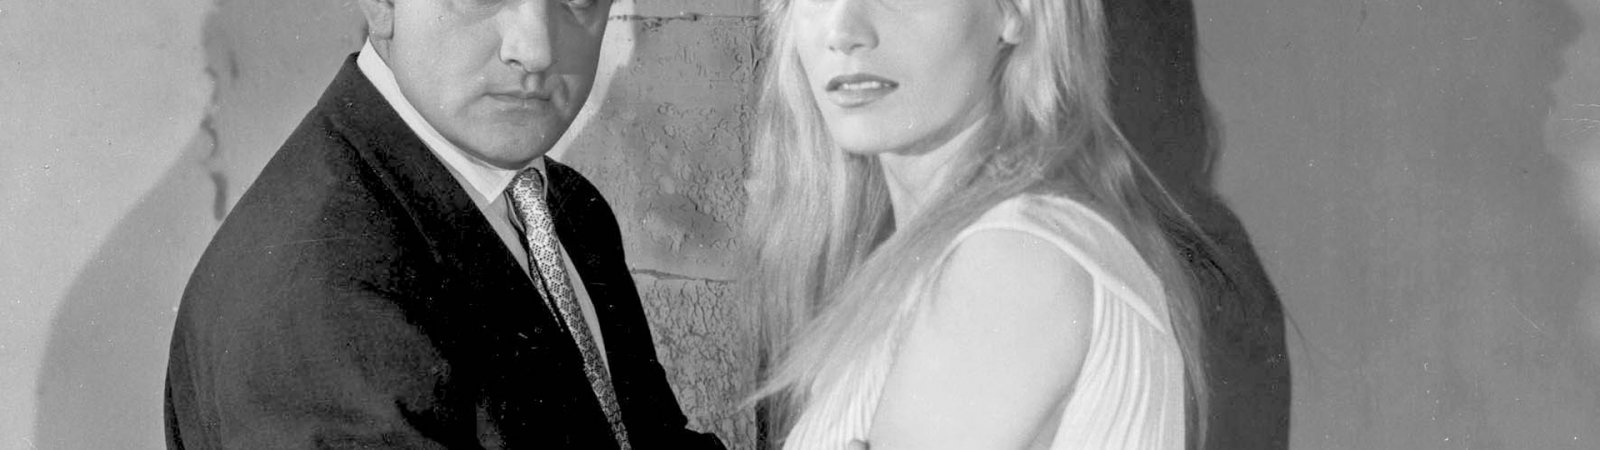 Photo dernier film Maurice  Labro